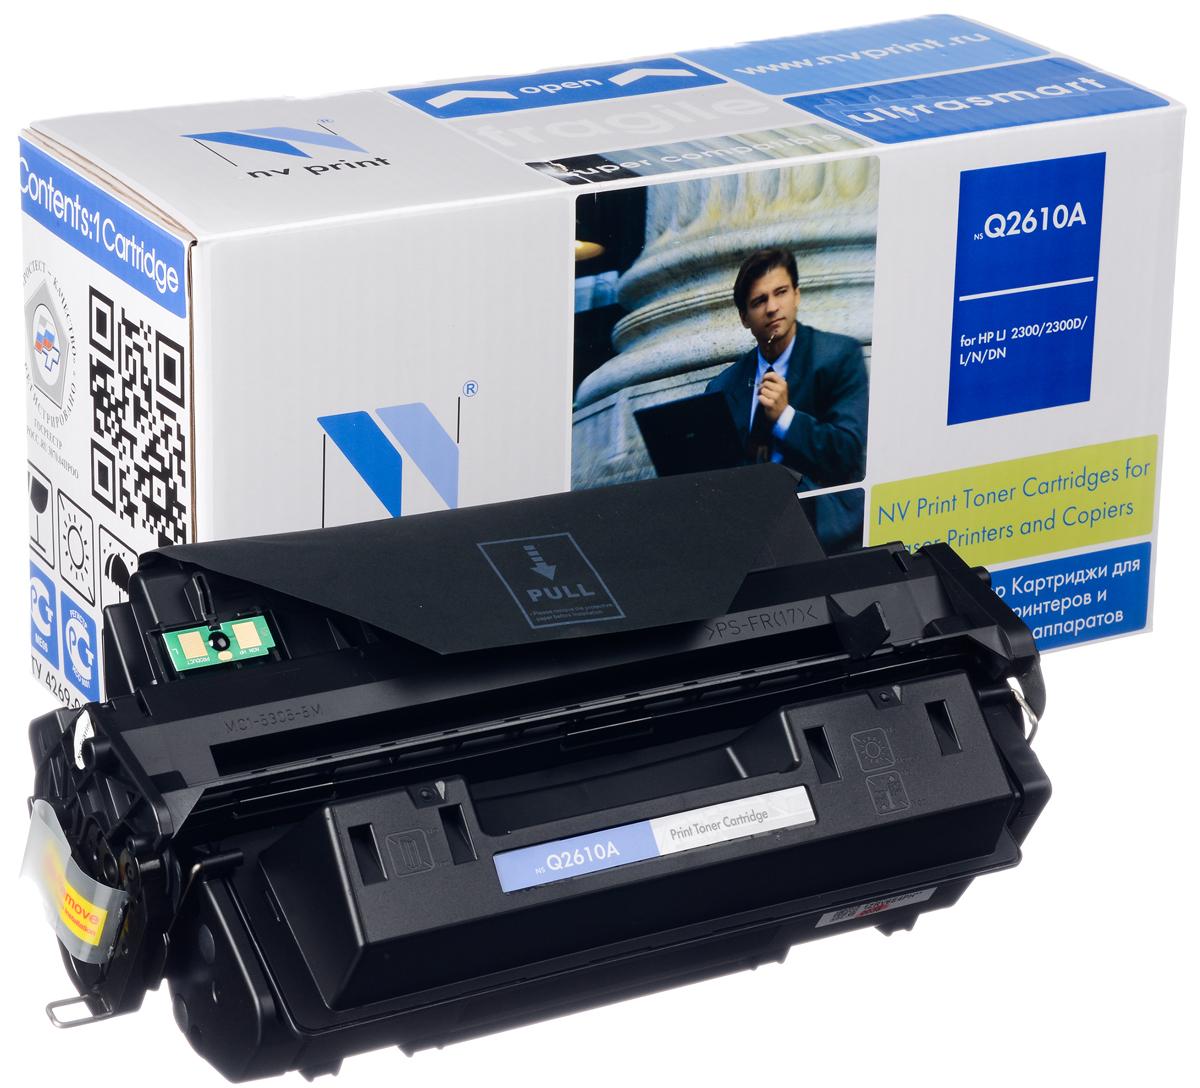 NV Print Q2610A, Black тонер-картридж для HP LaserJet 2300NV-Q2610AСовместимый лазерный картридж NV Print Q2610A для печатающих устройств HP - это альтернатива приобретению оригинальных расходных материалов. При этом качество печати остается высоким. Картридж обеспечивает повышенную чёткость чёрного текста и плавность переходов оттенков серого цвета и полутонов, позволяет отображать мельчайшие детали изображения. Лазерные принтеры, копировальные аппараты и МФУ являются более выгодными в печати, чем струйные устройства, так как лазерных картриджей хватает на значительно большее количество отпечатков, чем обычных. Для печати в данном случае используются не чернила, а тонер.